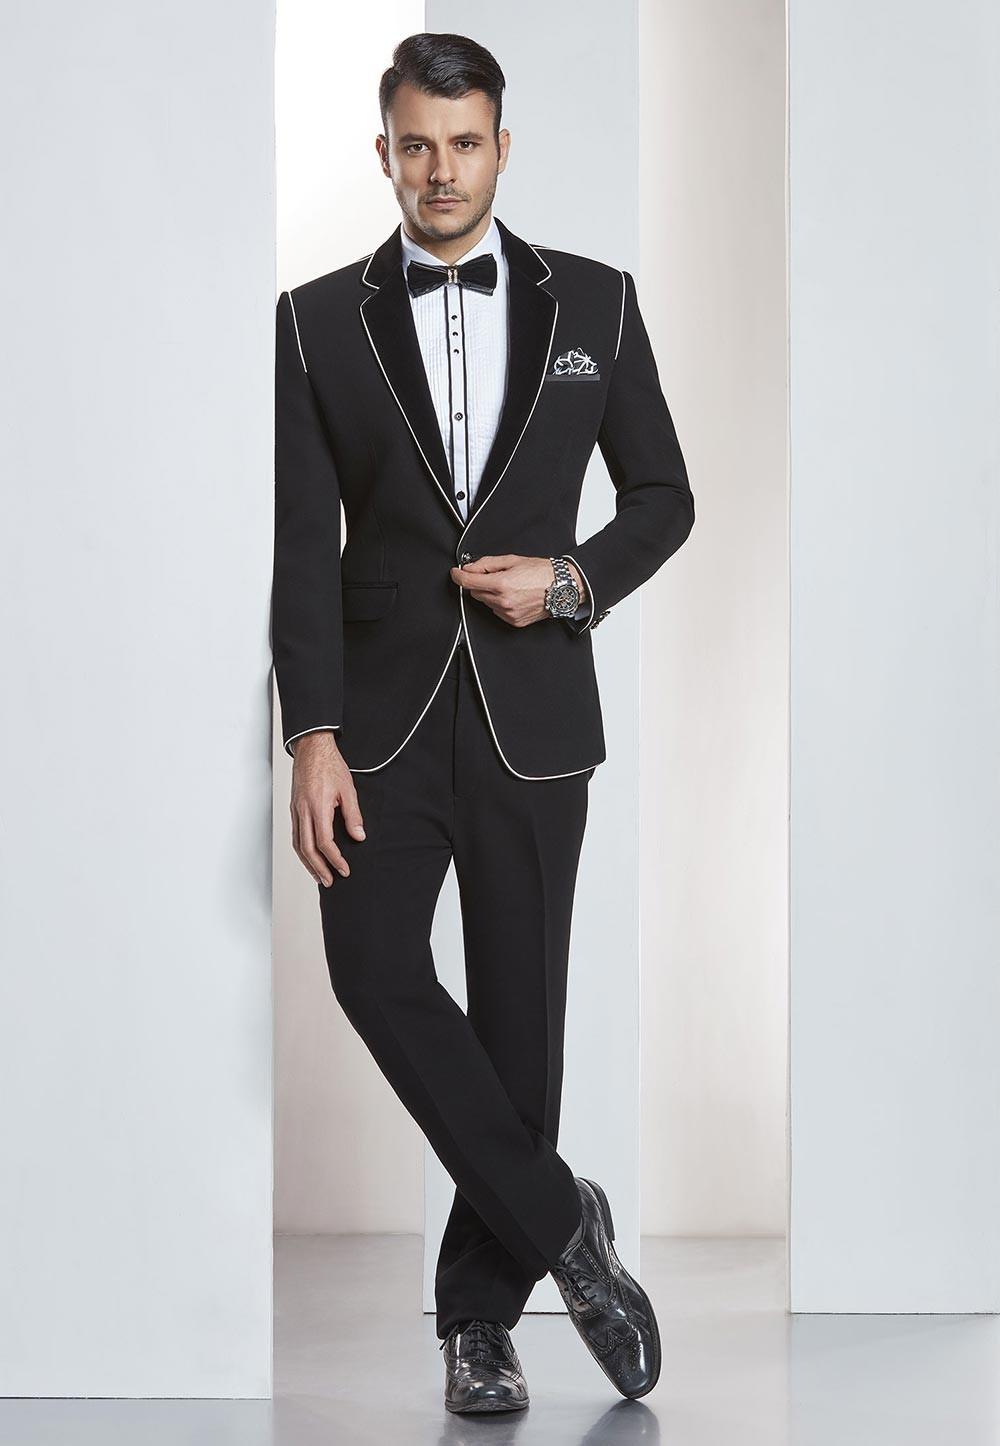 Black Color Designer Tuxedo Suit.